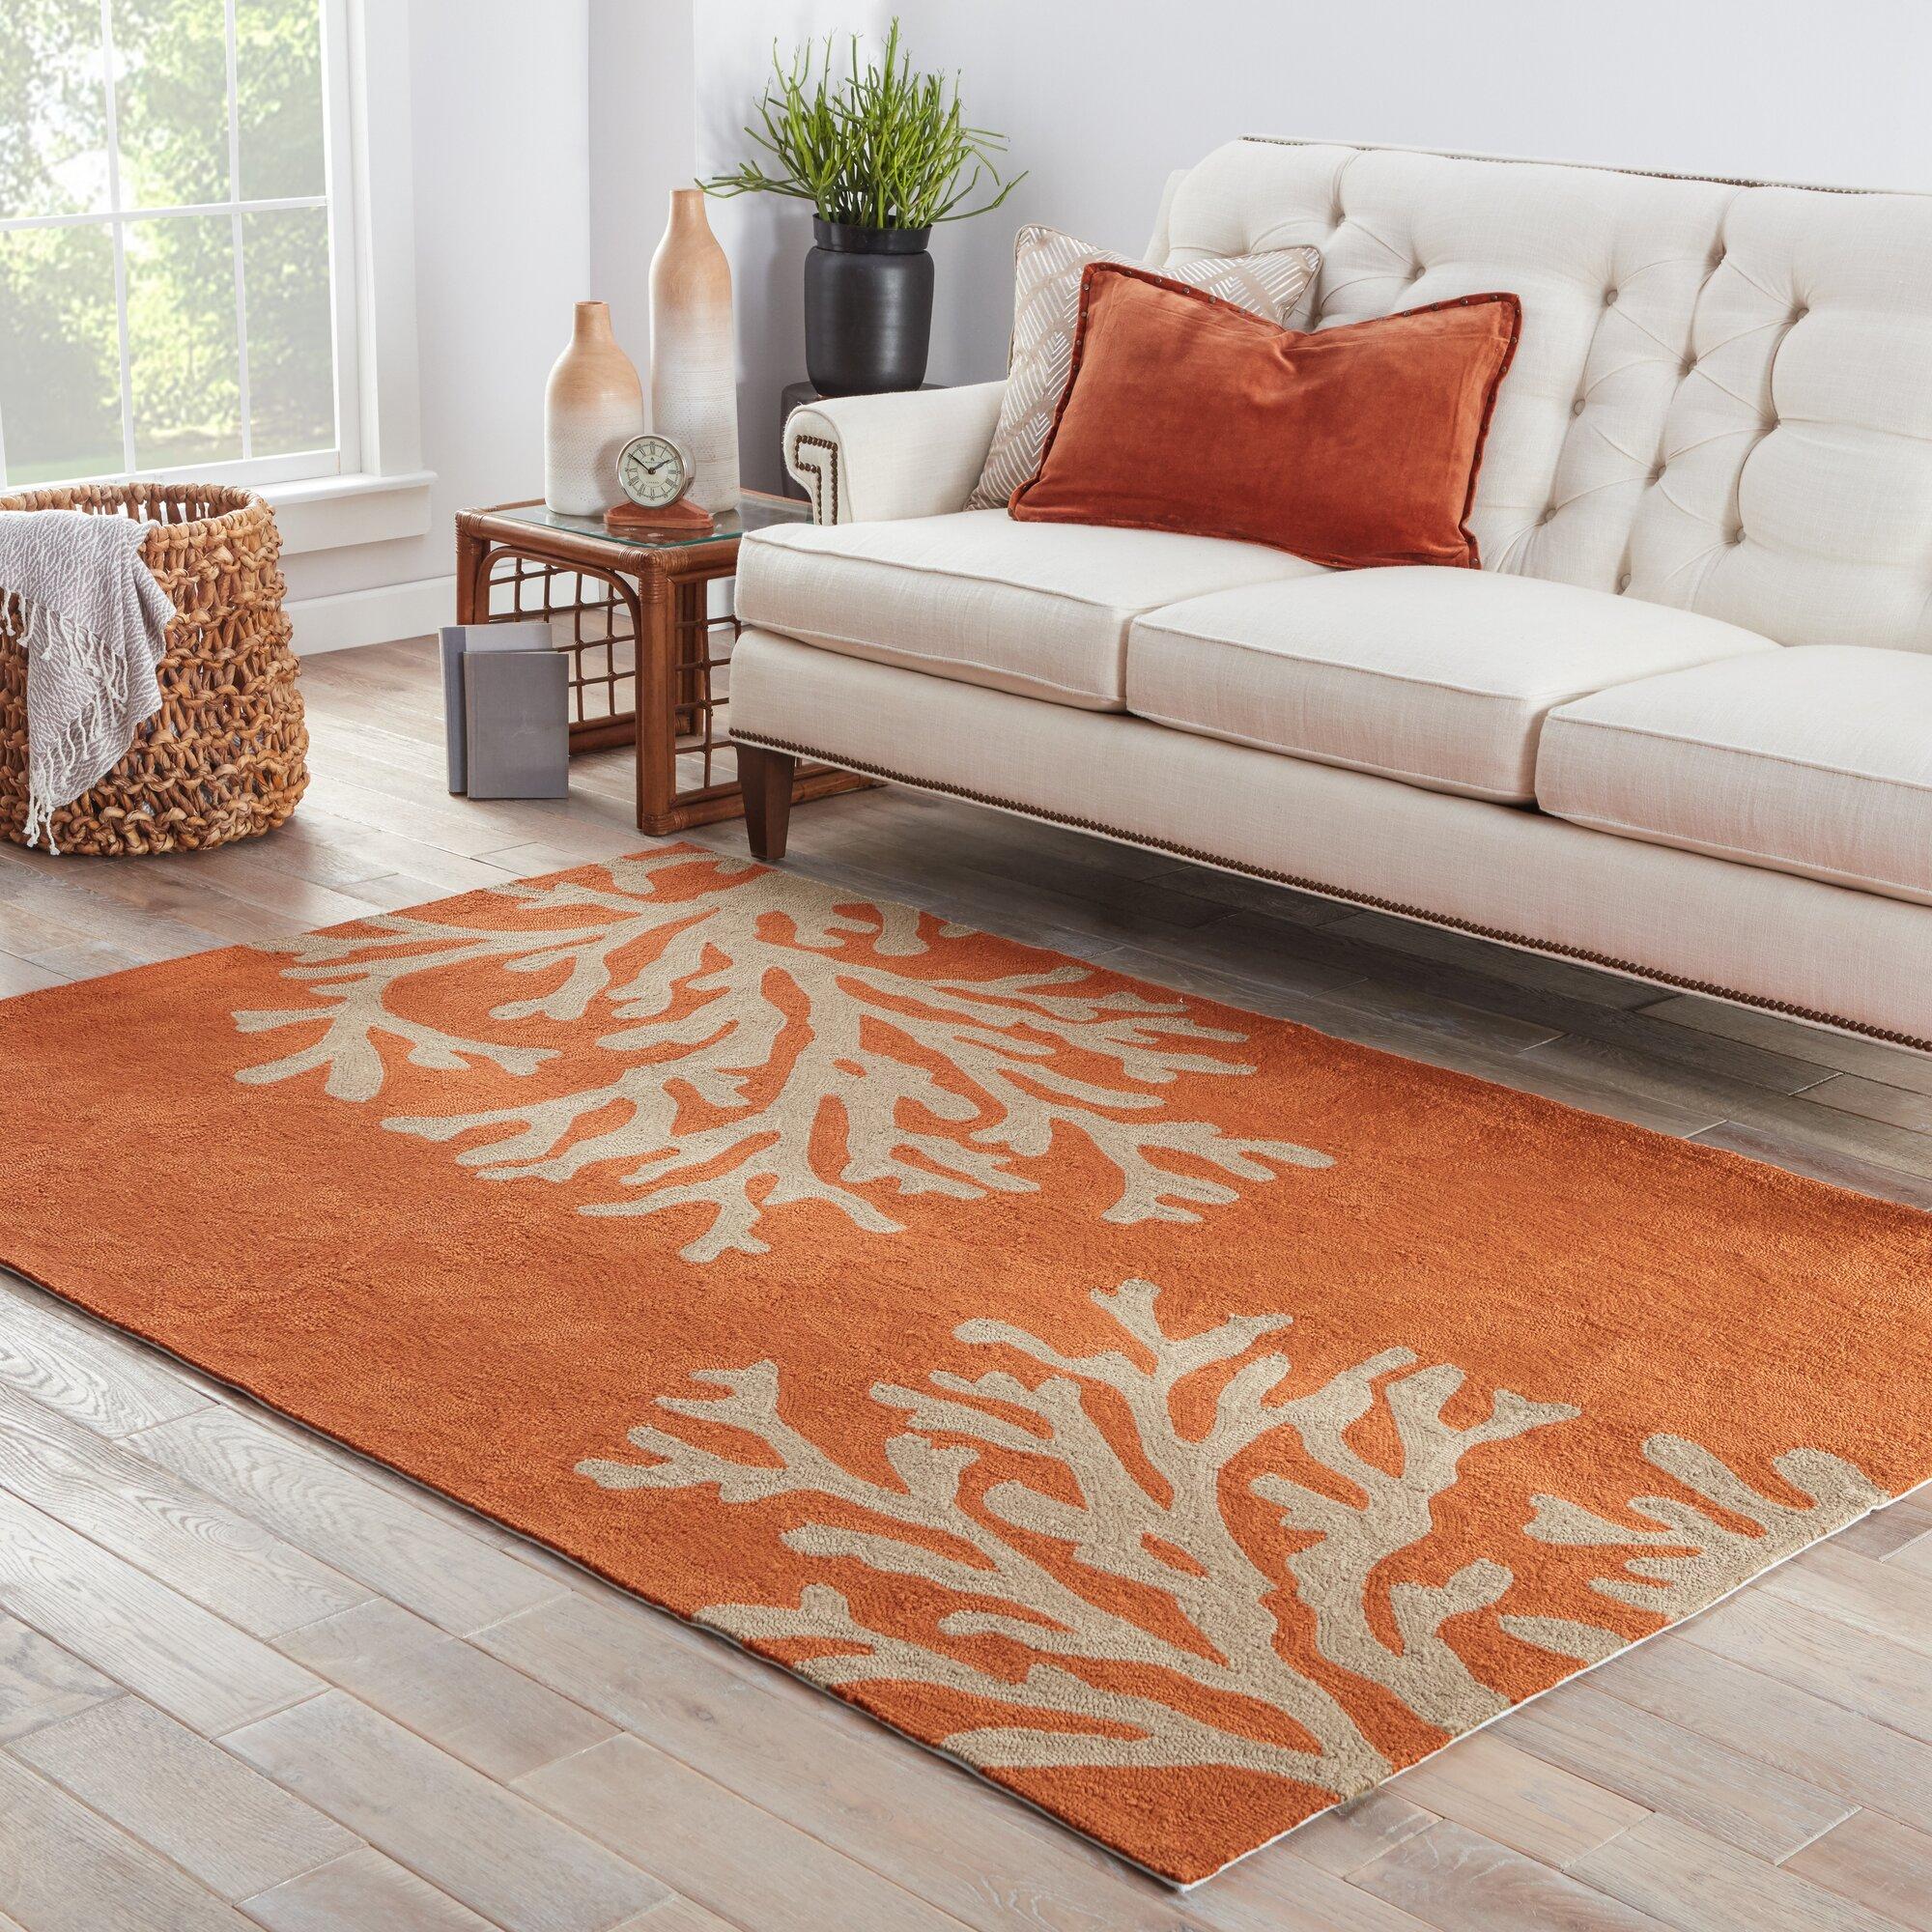 100 area rugs santa cruz brush stroke pattern repeat indoor